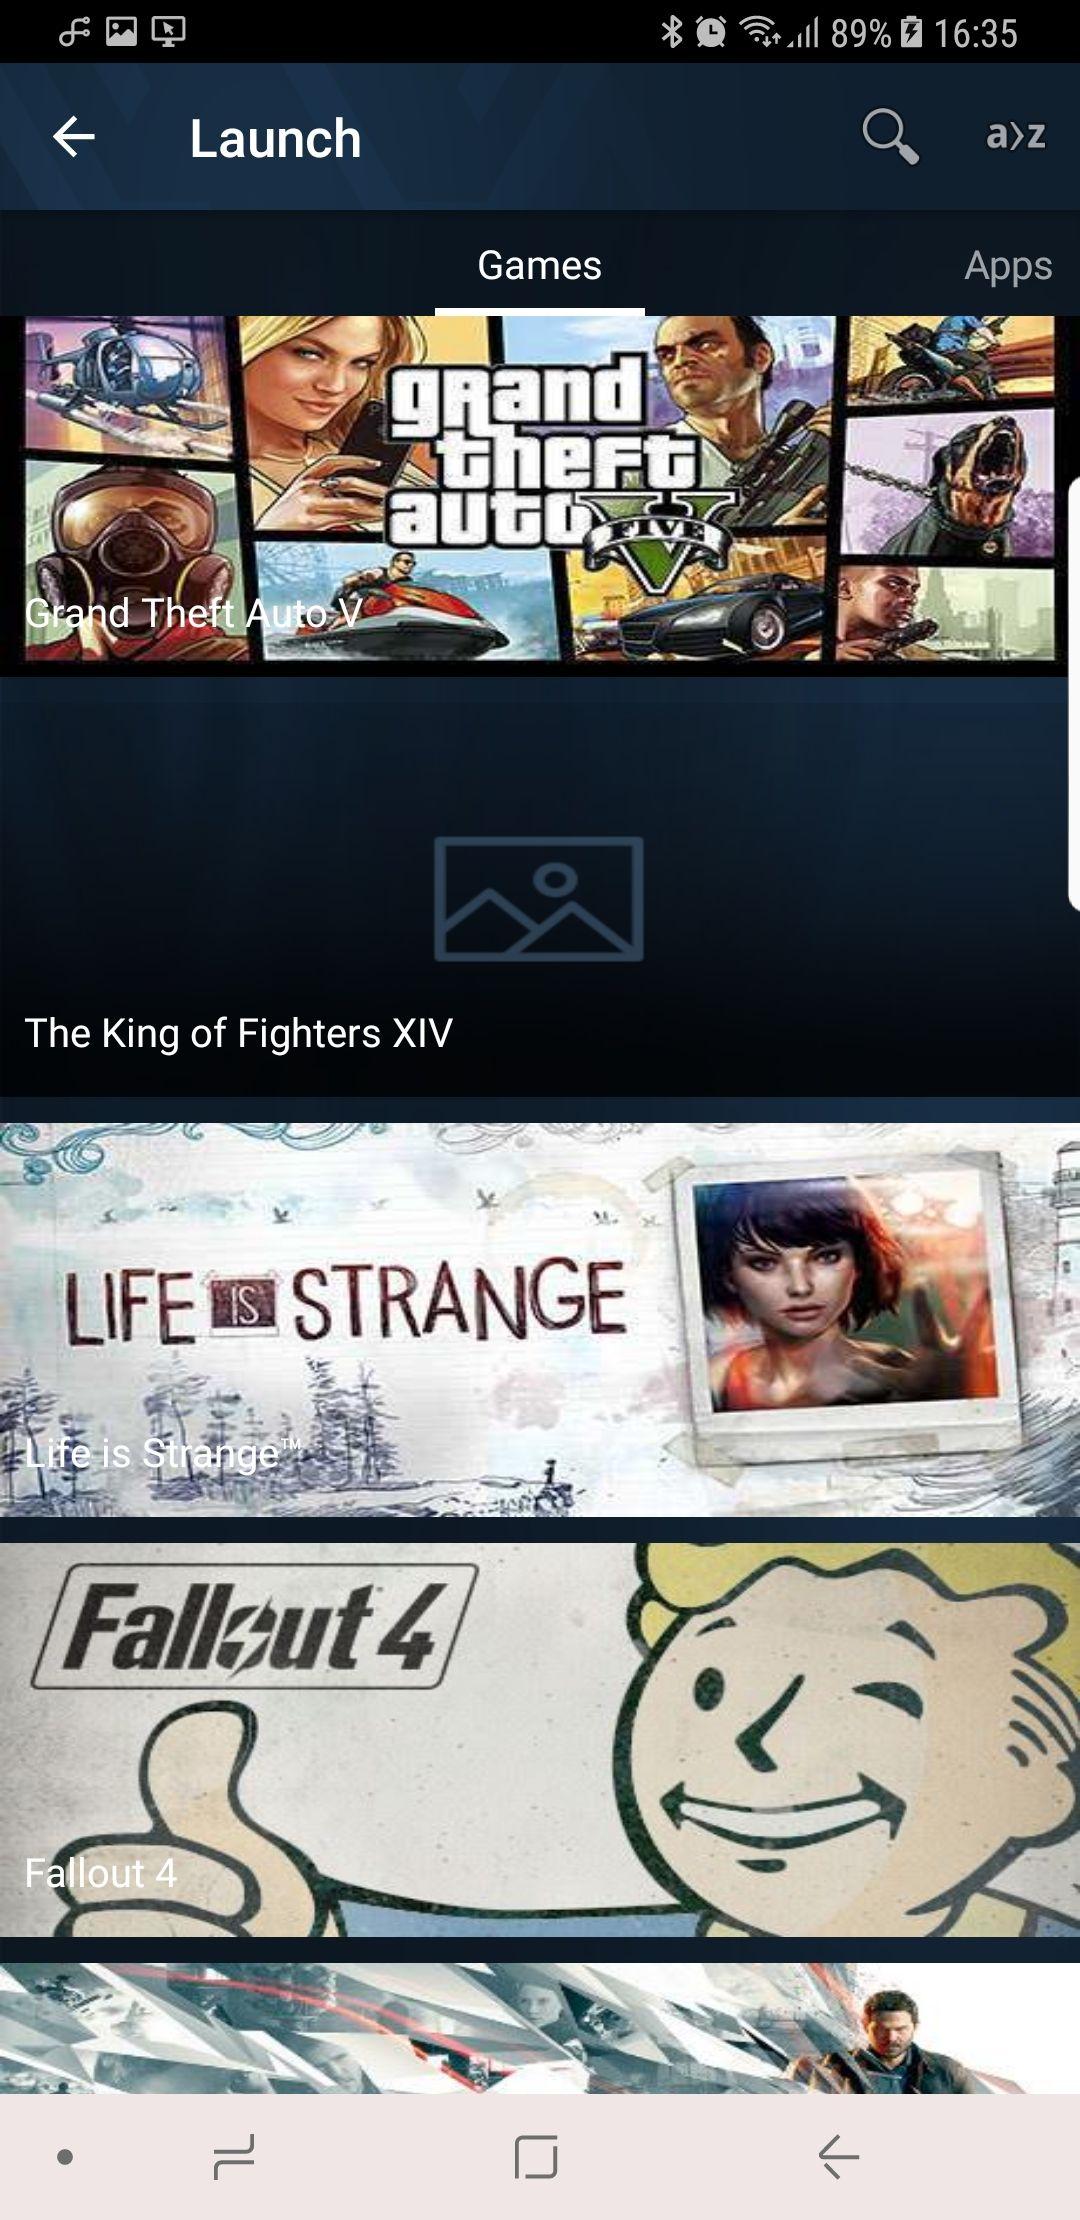 เล่นเกม PC บนมือถือหรือแทบเล็ต Android ผ่าน 4G / WiFi ง่ายๆ ด้วยแอป